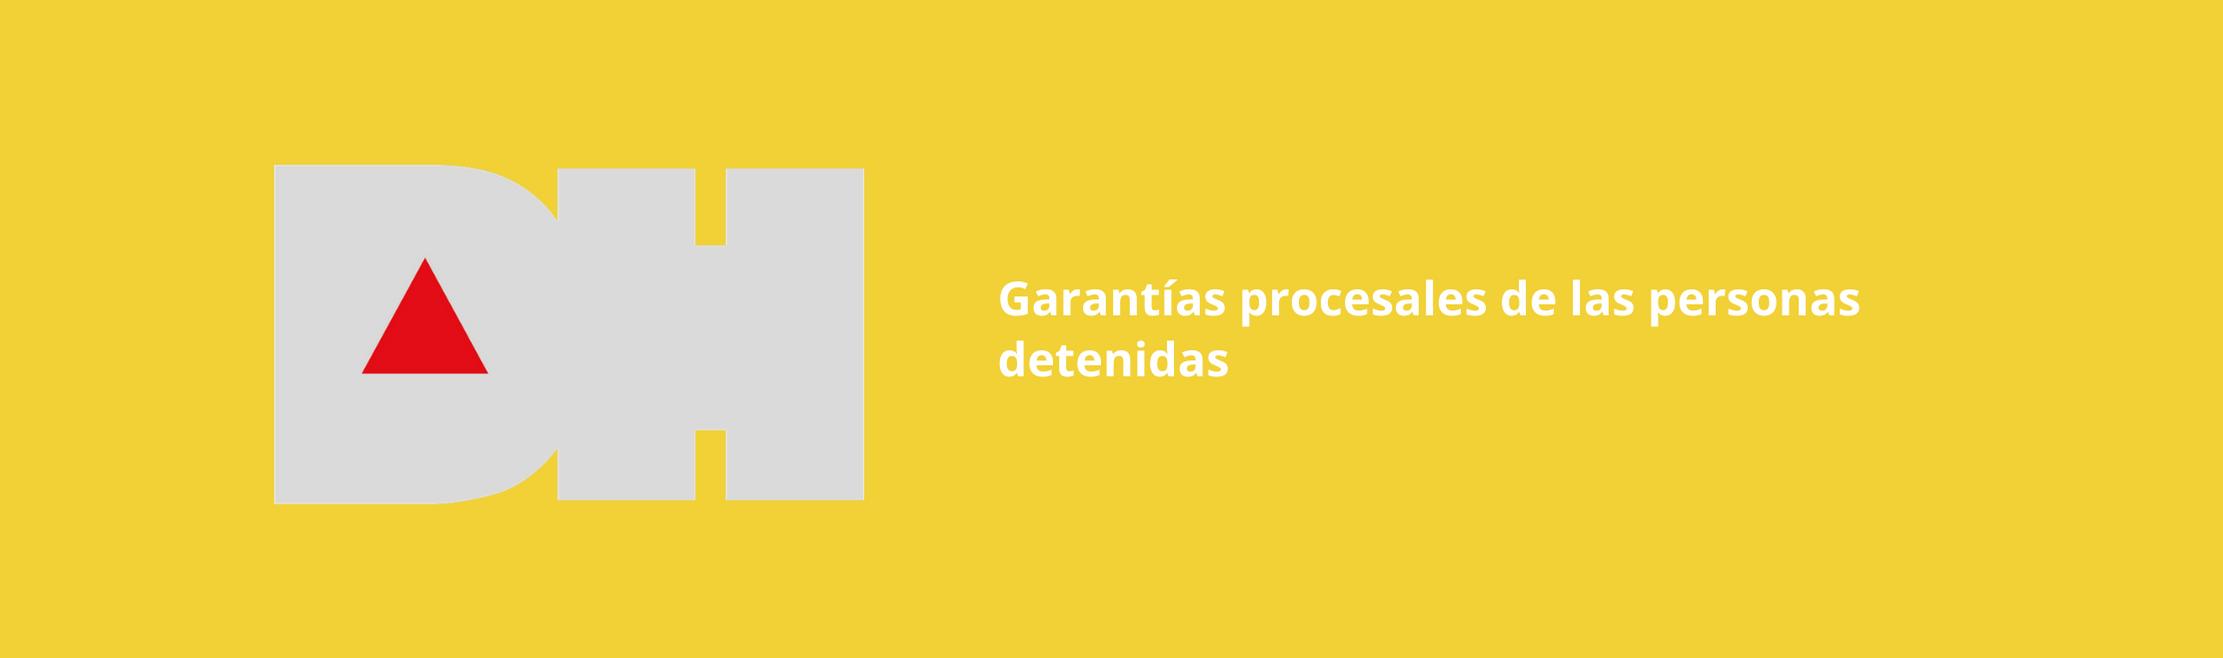 Garantias Procesales de las personas detenidas